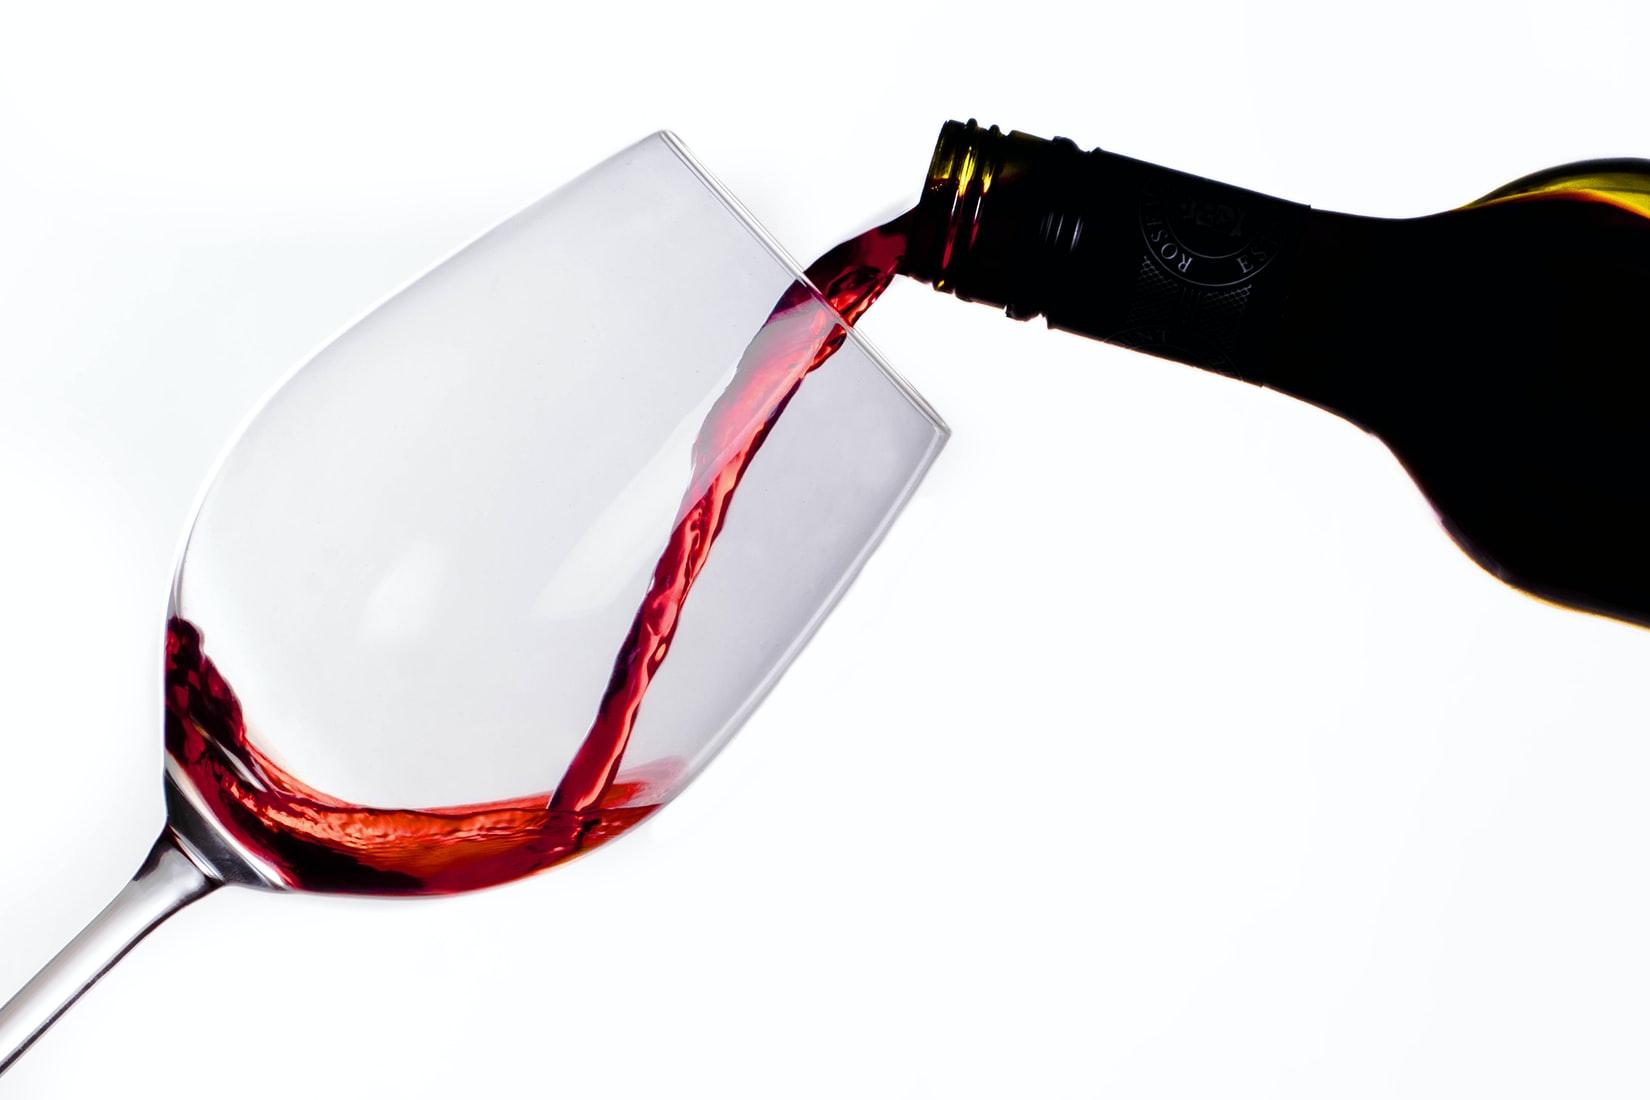 Bebidas menos calóricas para não exagerar no feriado